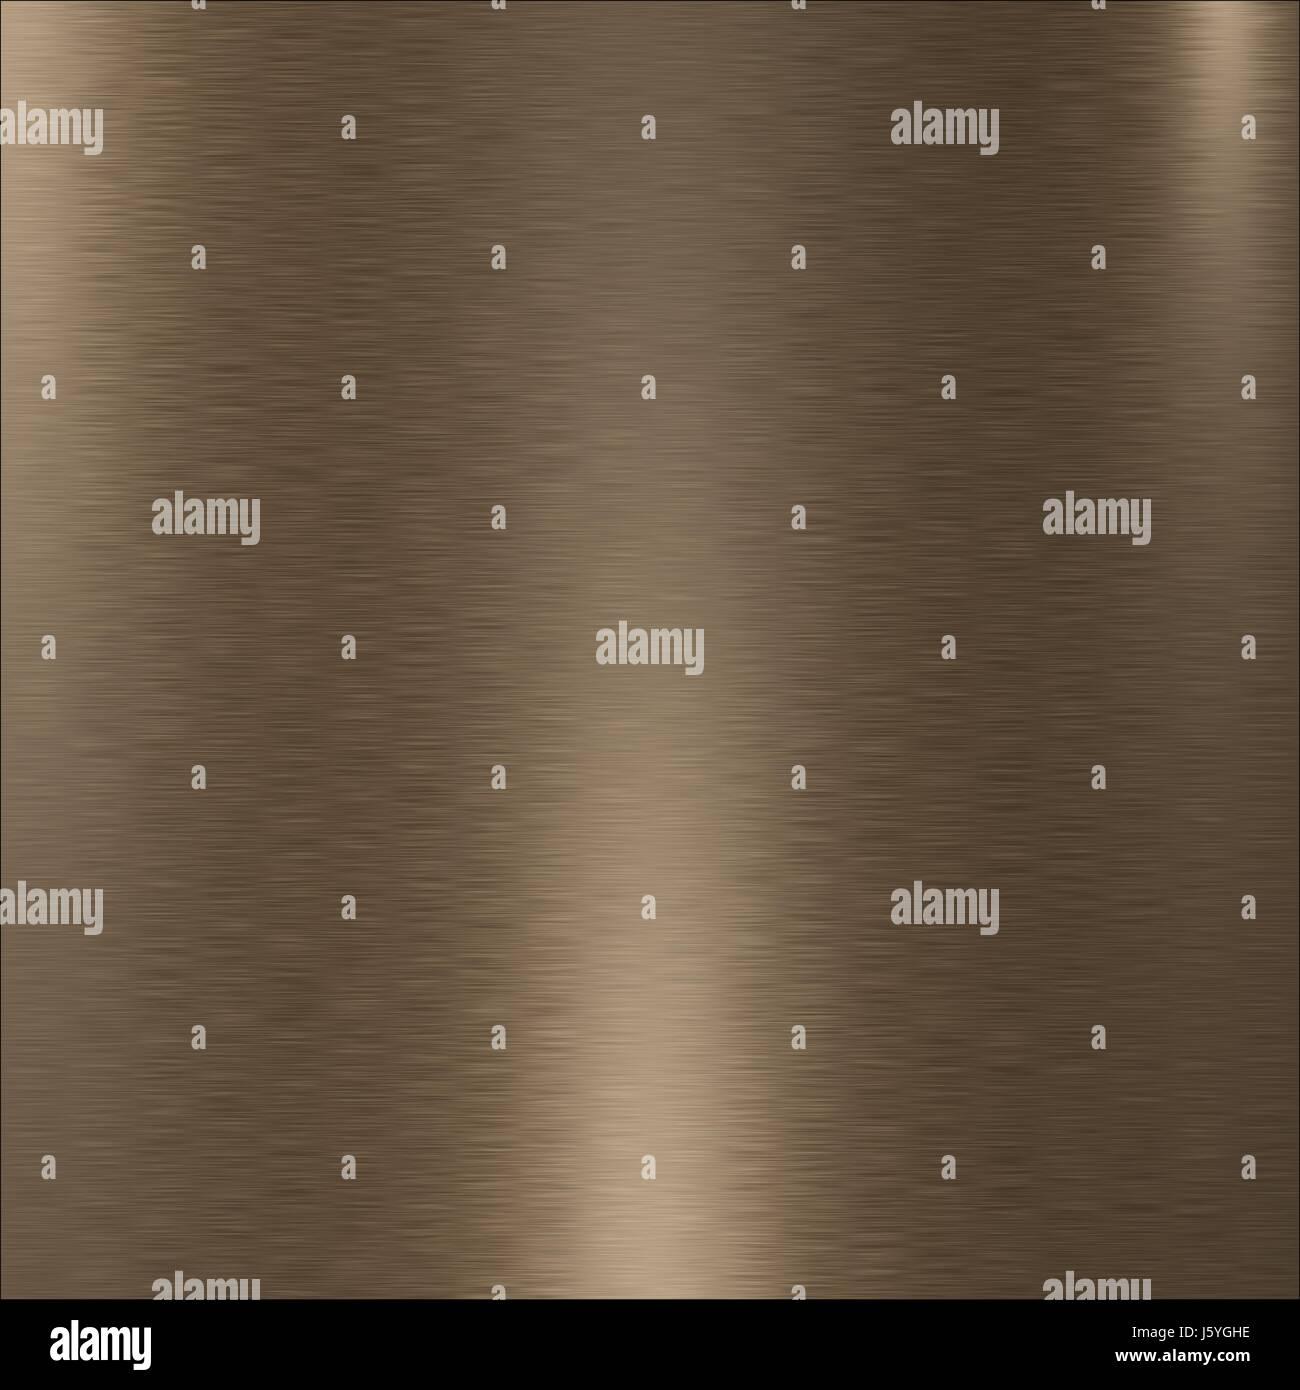 silver metal surface aluminum aluminium polished brushed backdrop background - Stock Image